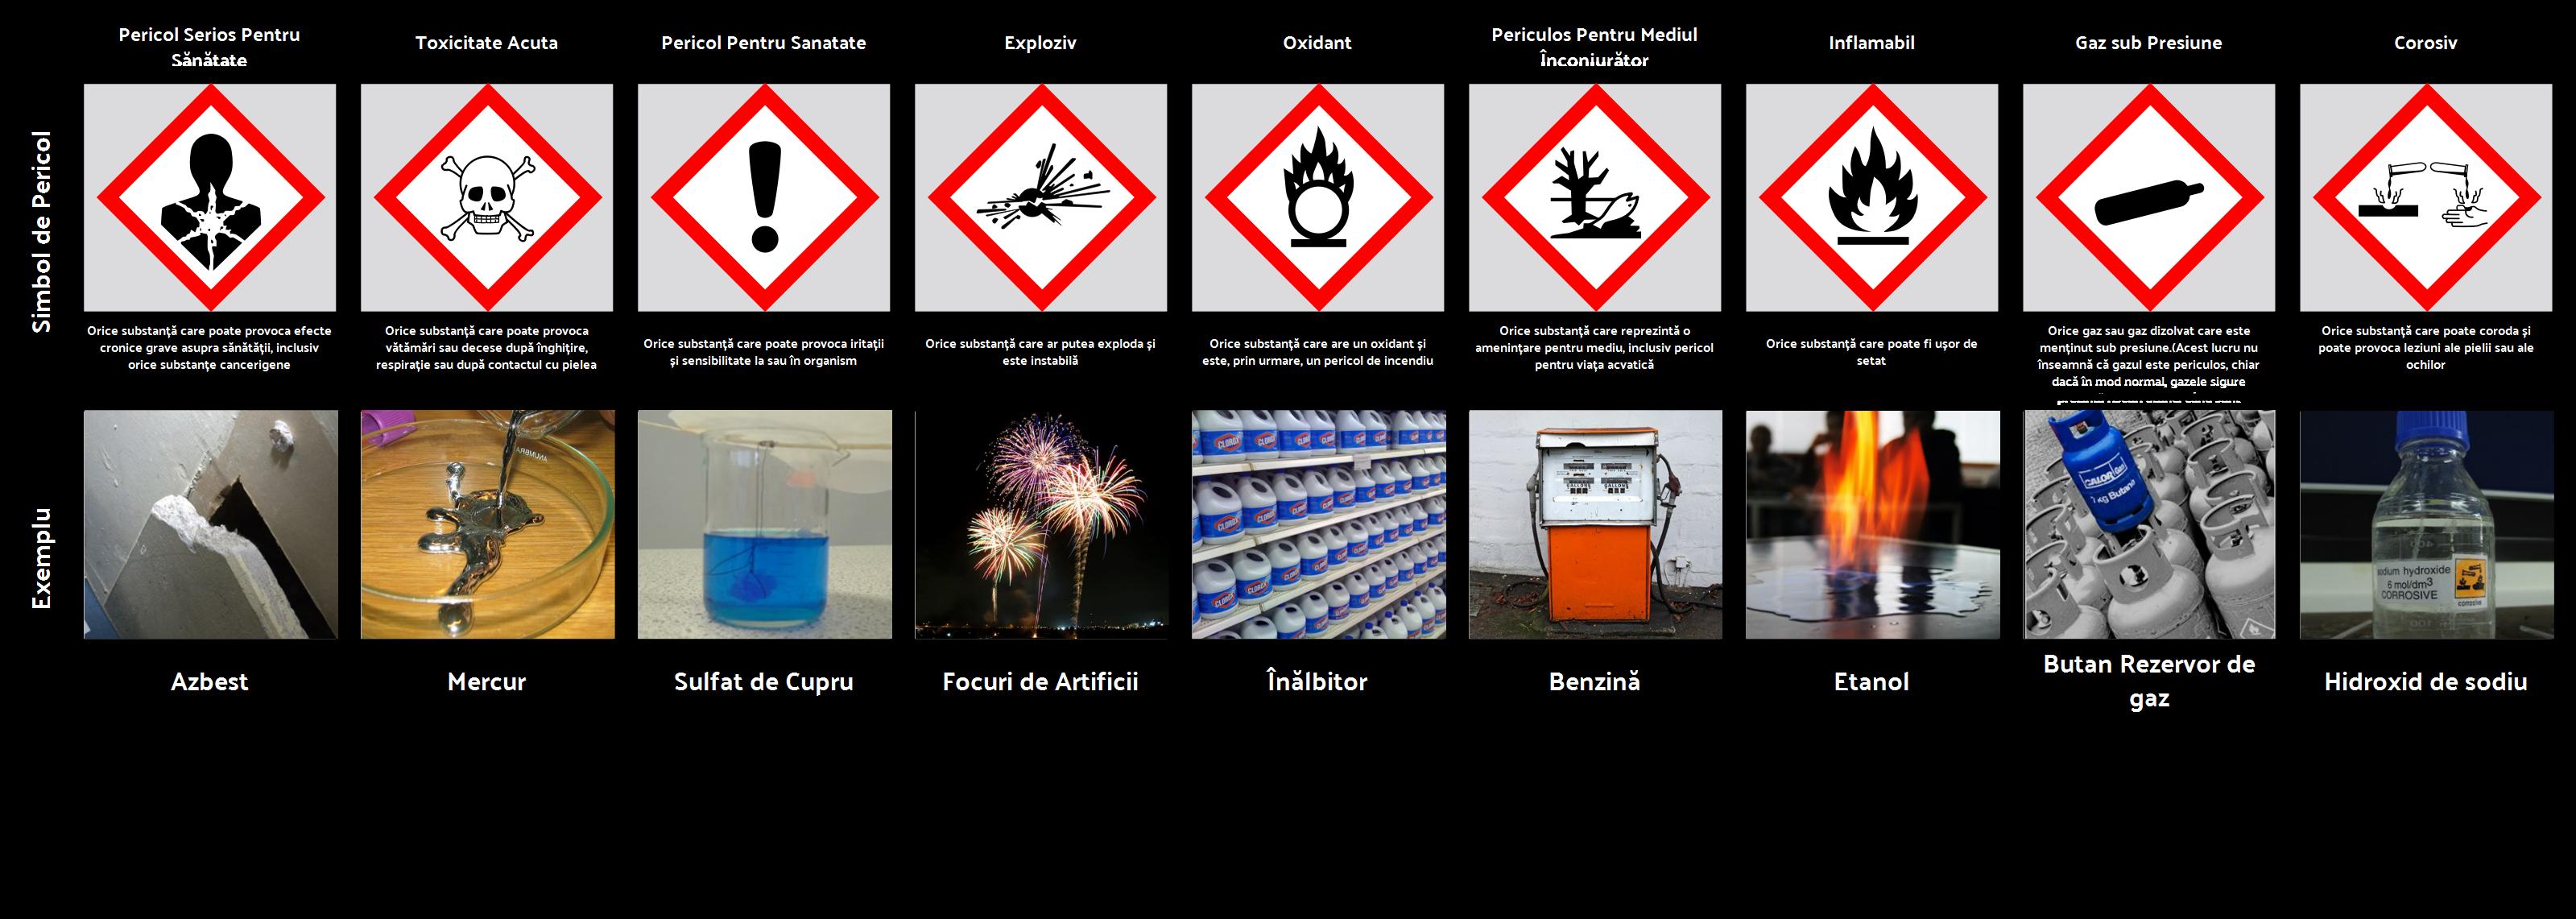 Fișa Simbolurilor de Pericol